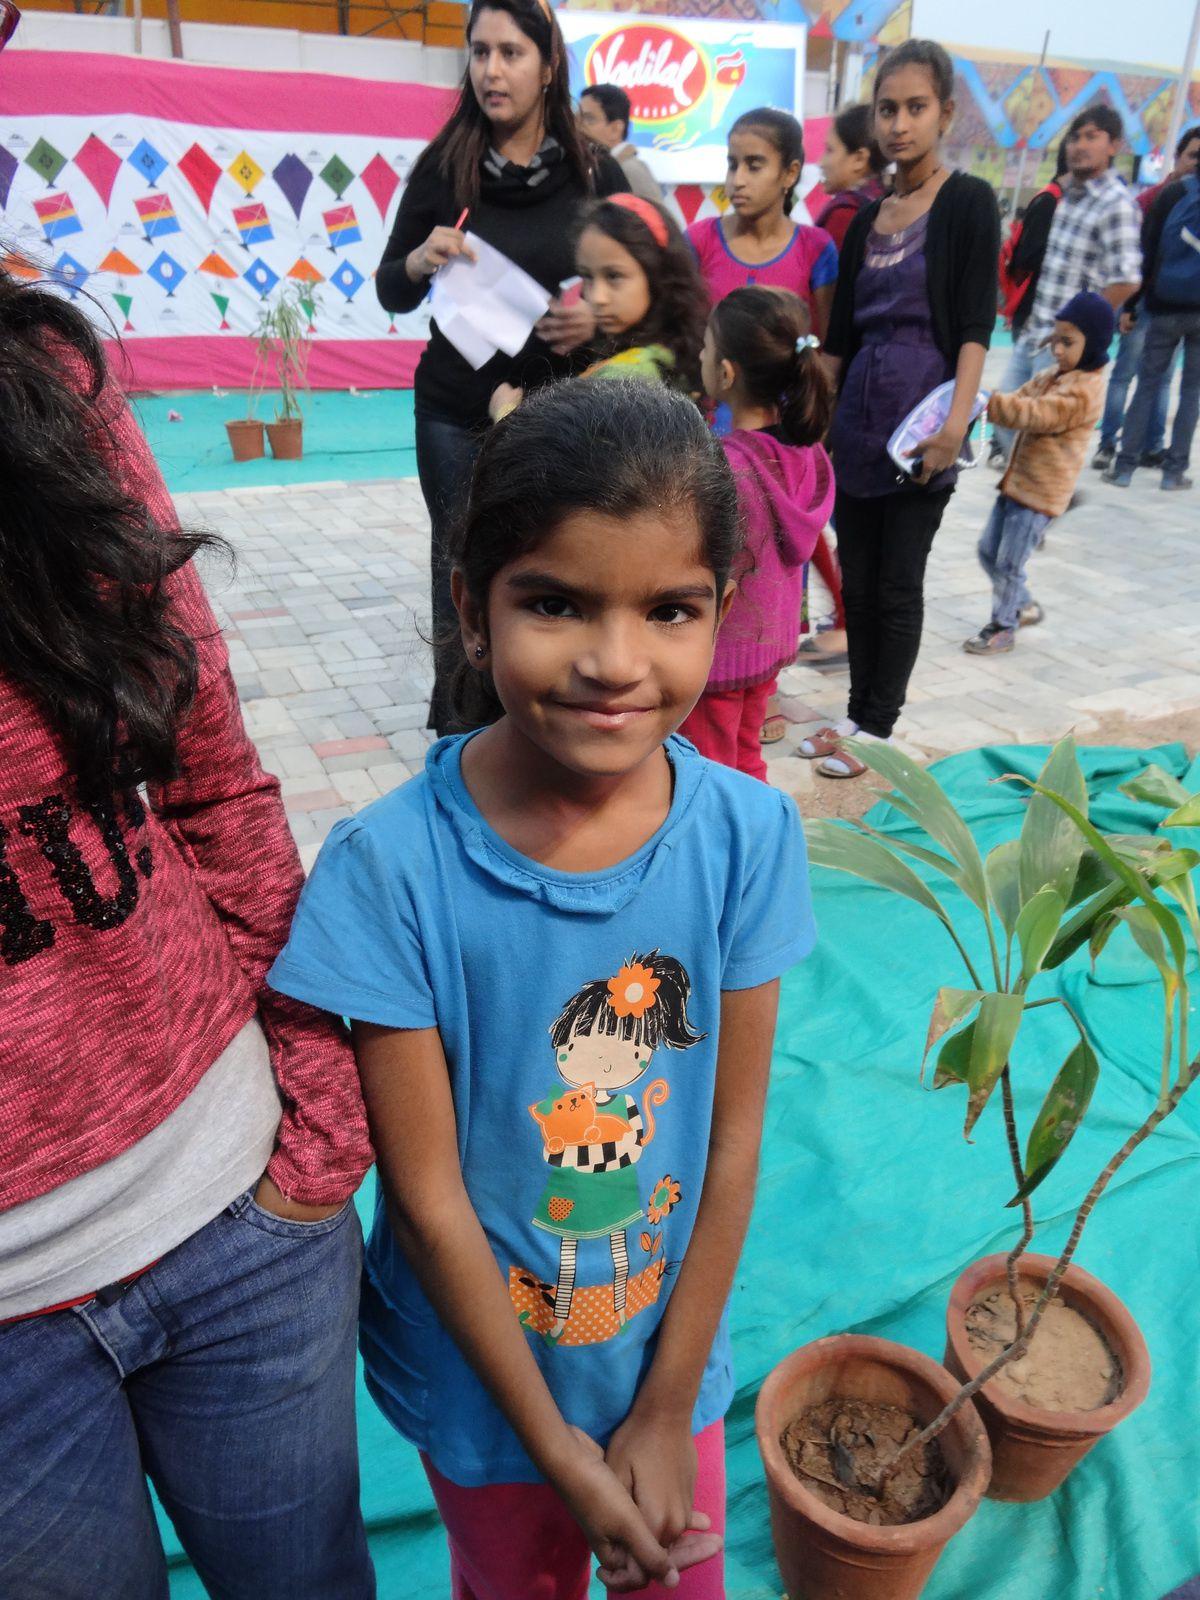 [Inde #8] : Les plus beaux sourires et visages indiens...#3